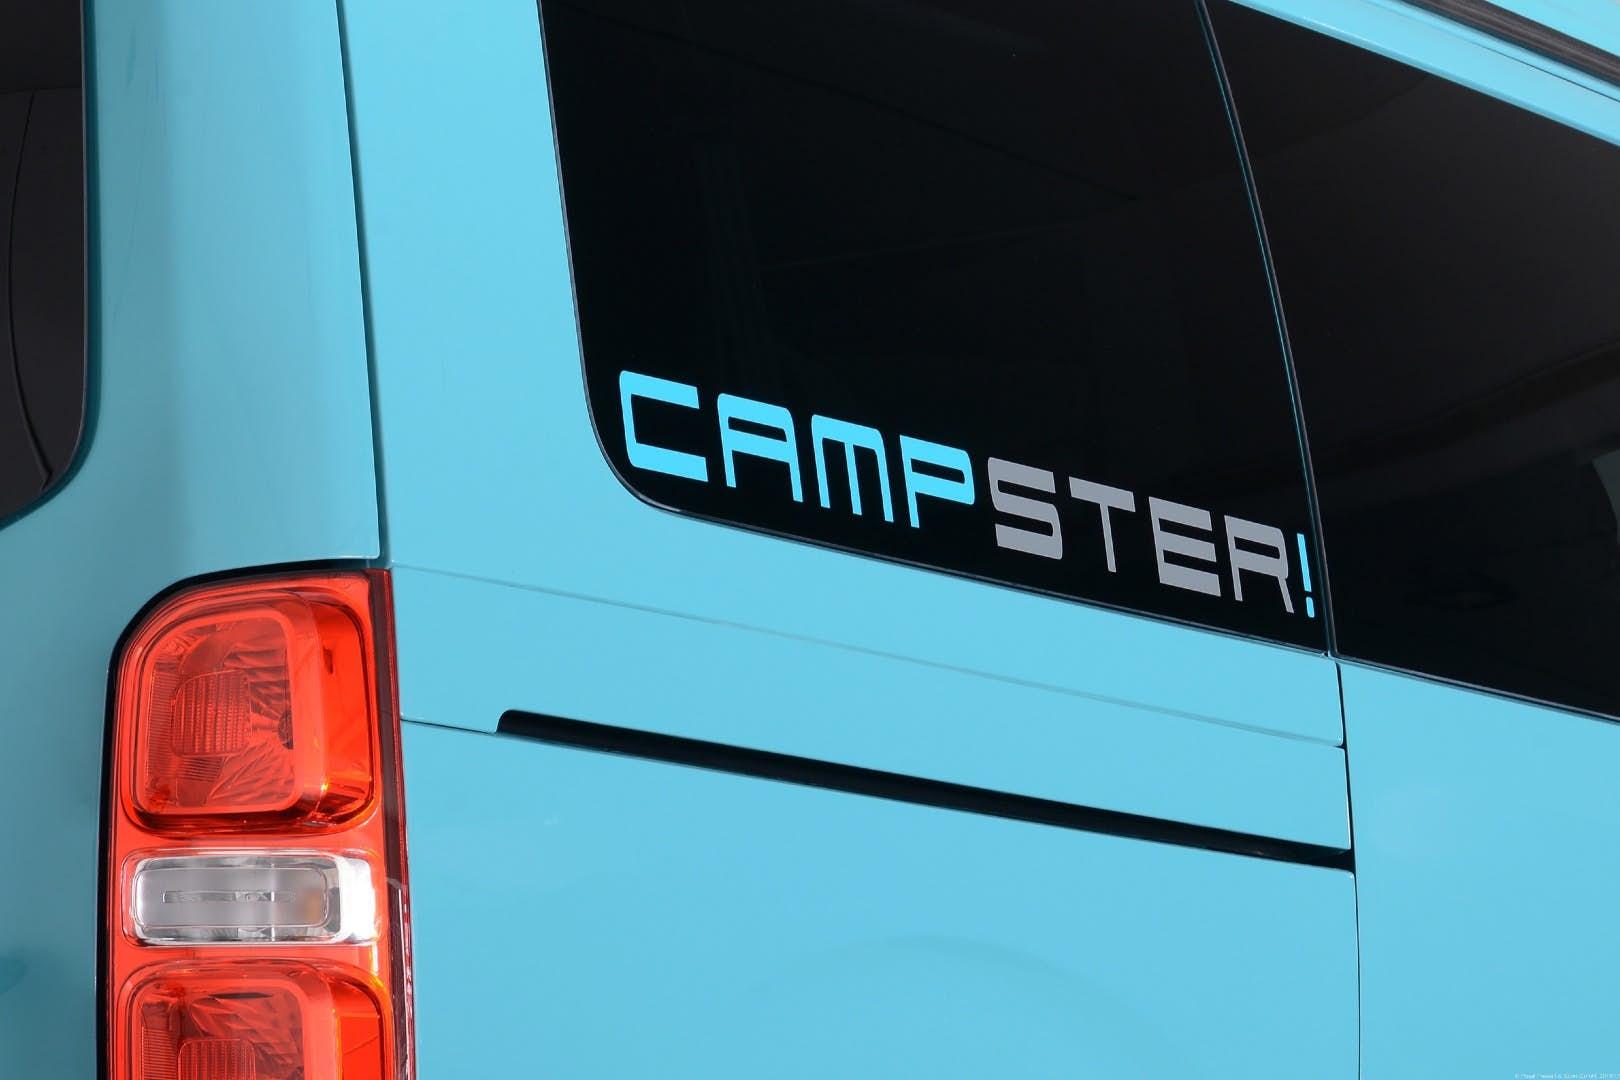 compact camper - campsite logo